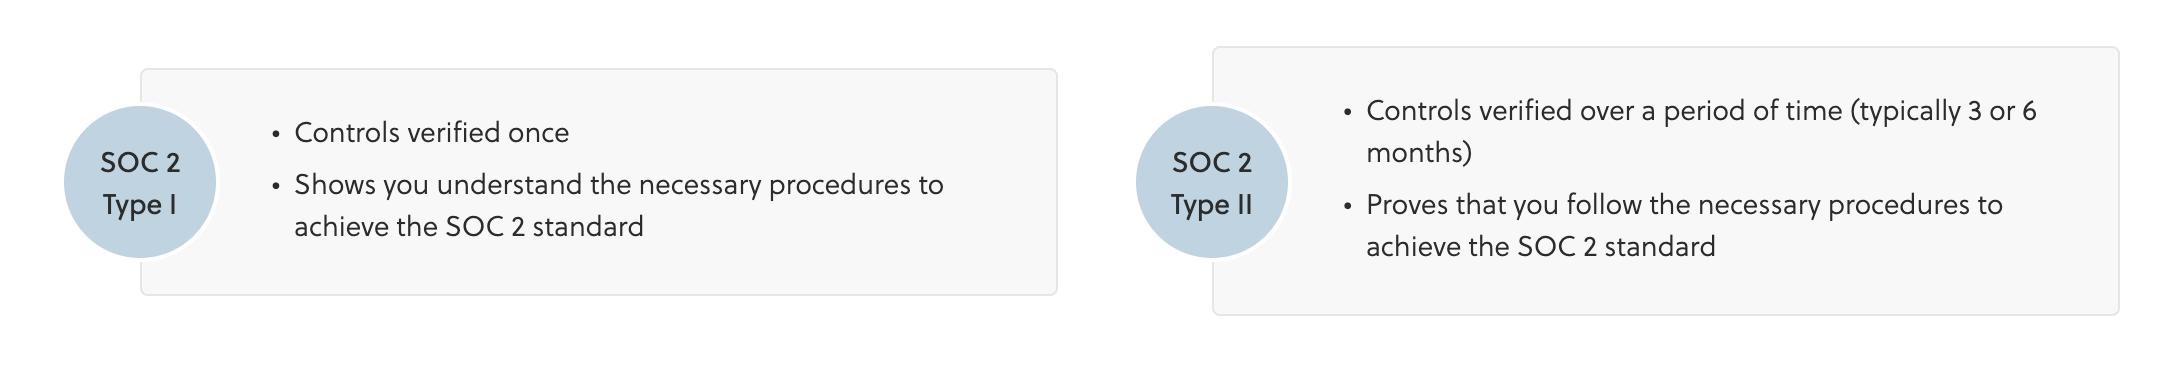 chart describing Type I and Type II